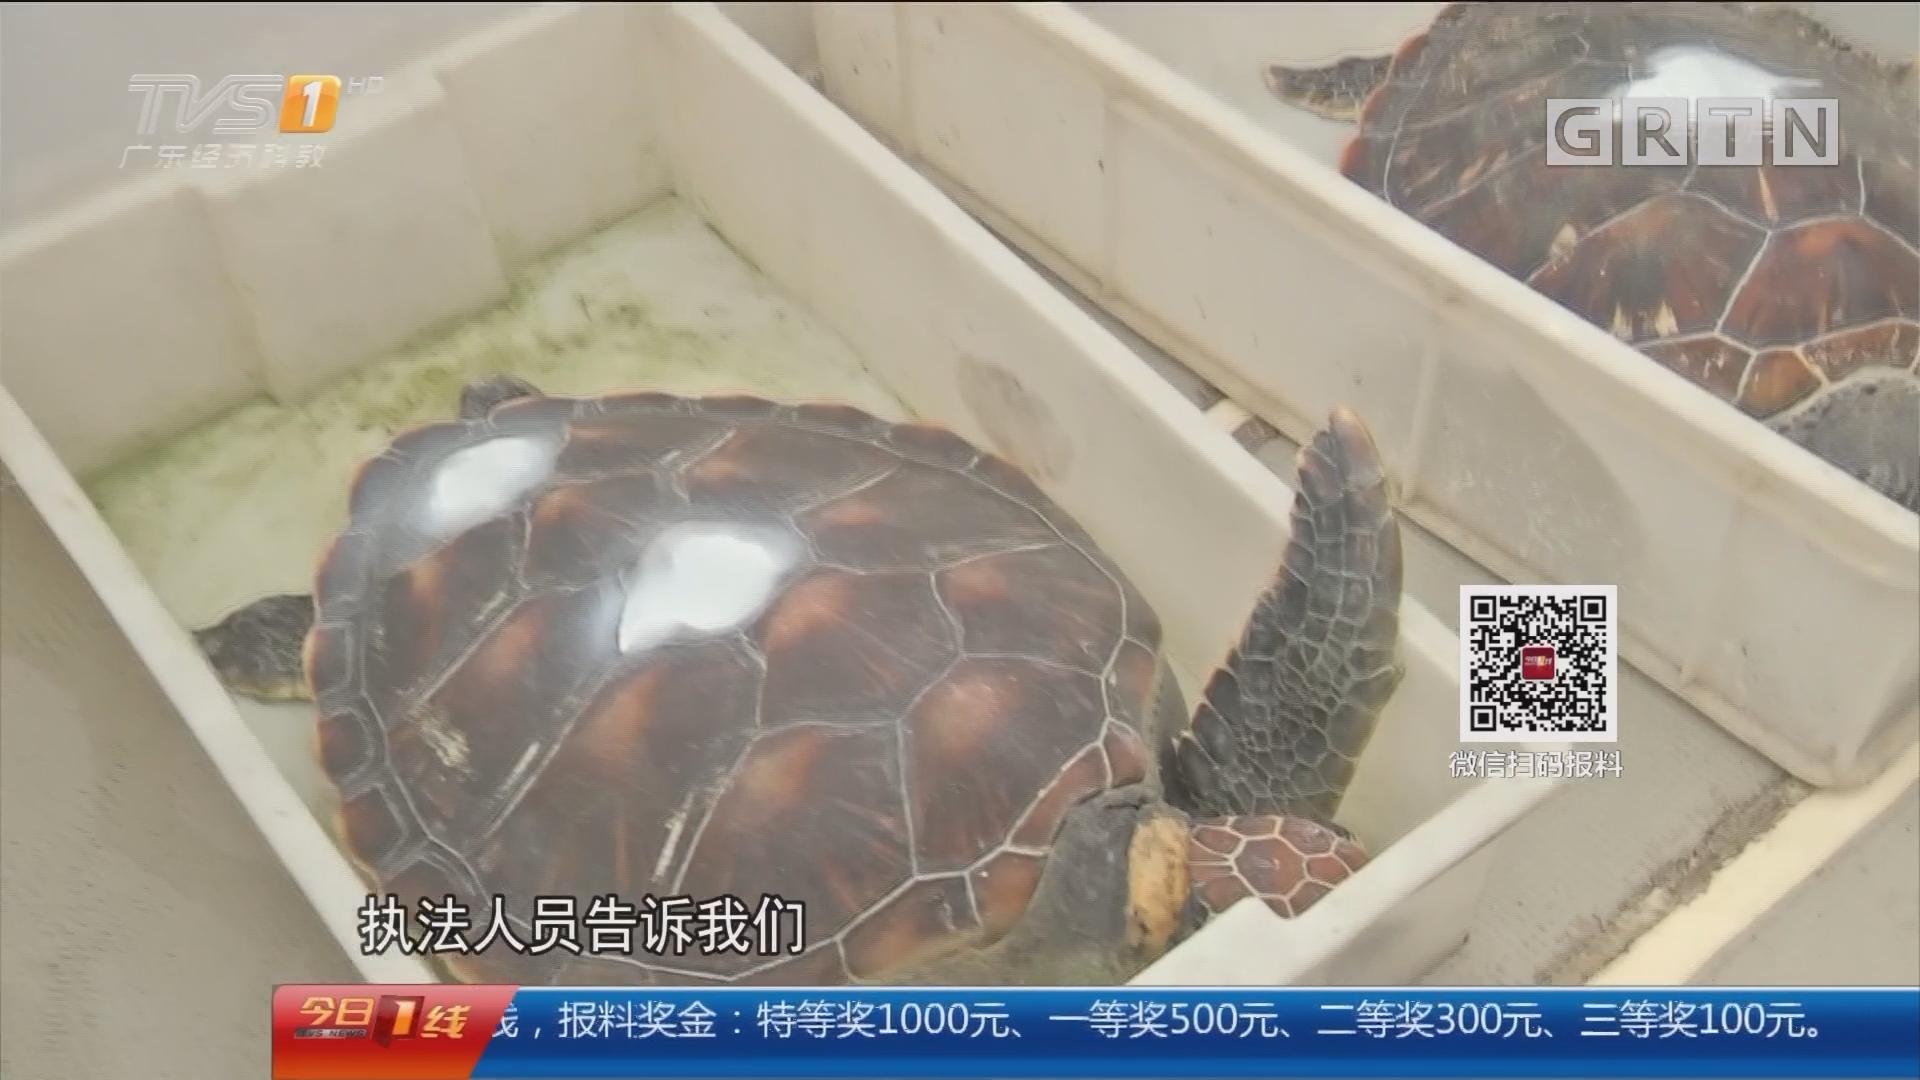 珠海 新闻追踪:被酒店私养海龟 回归大海